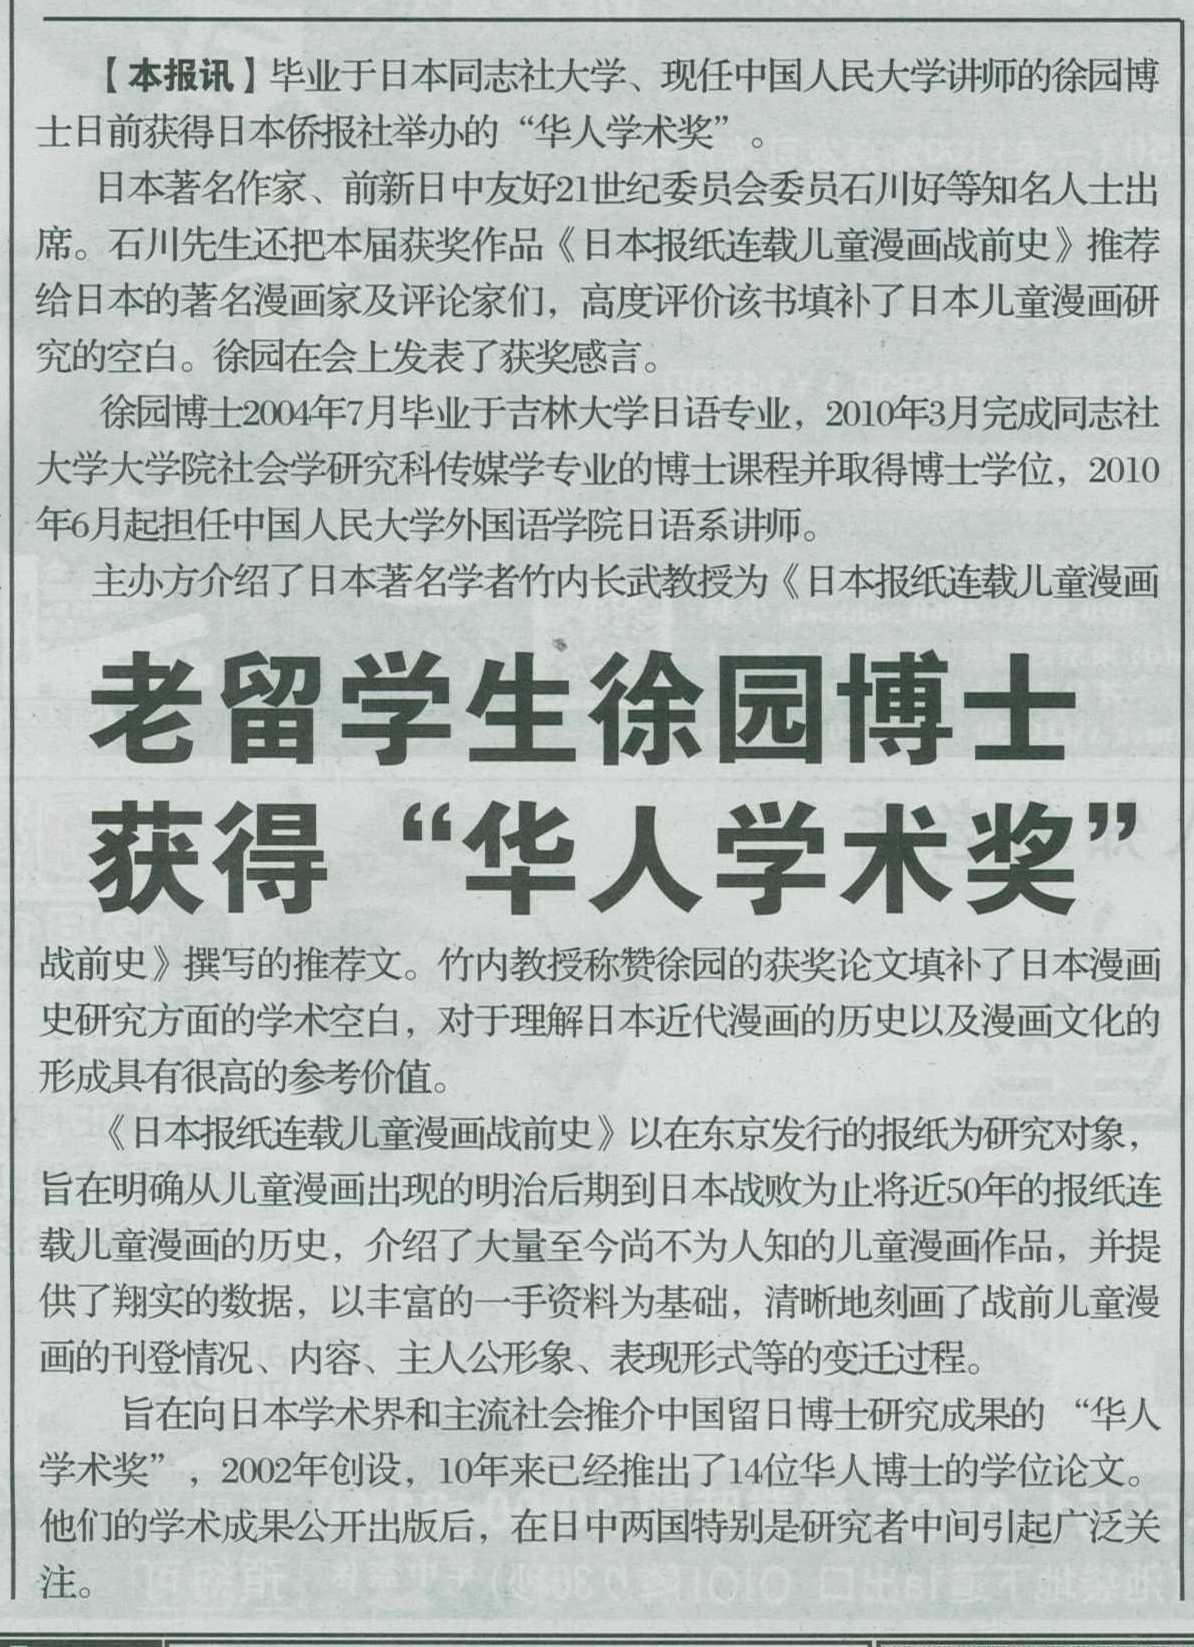 """今天在东京发行的《华风新闻》发表了《老留学生徐园博士获得""""华人学术奖""""》_d0027795_21494545.jpg"""